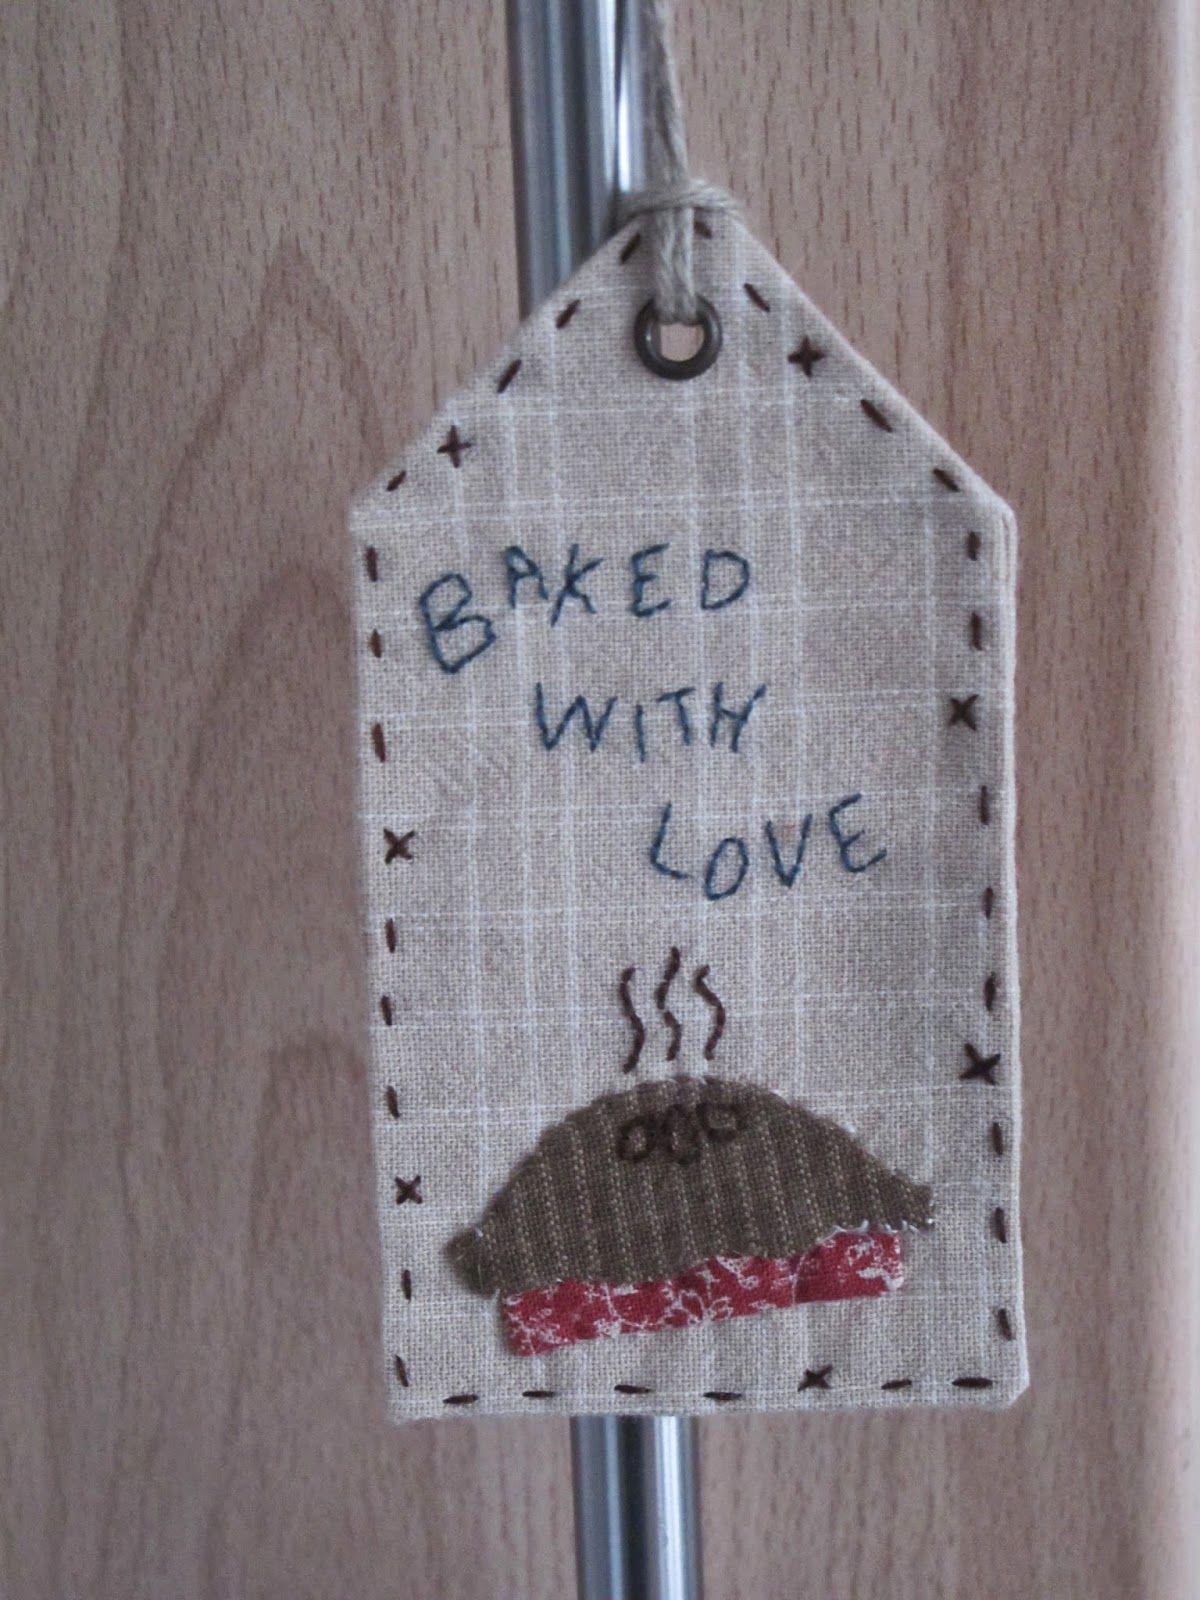 Sopa de calabaza: Kitchen tags